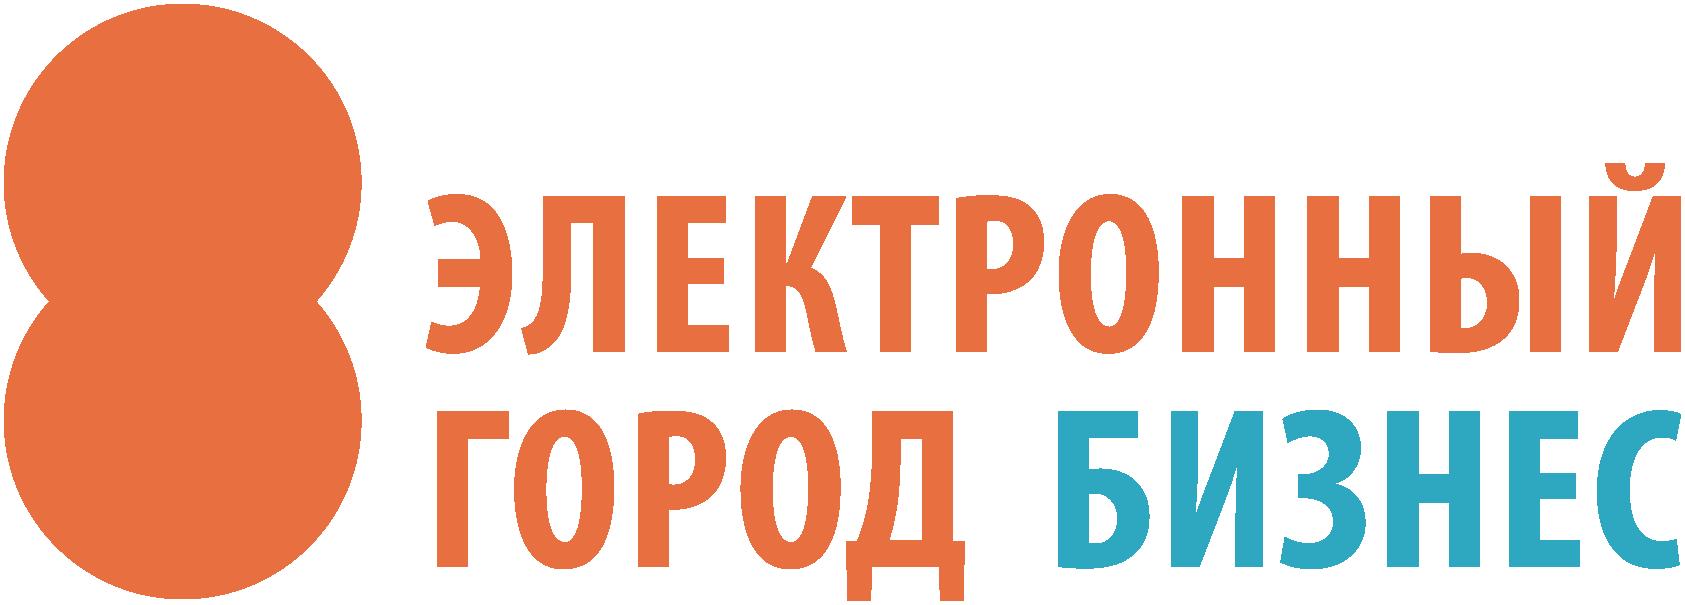 egb_logo